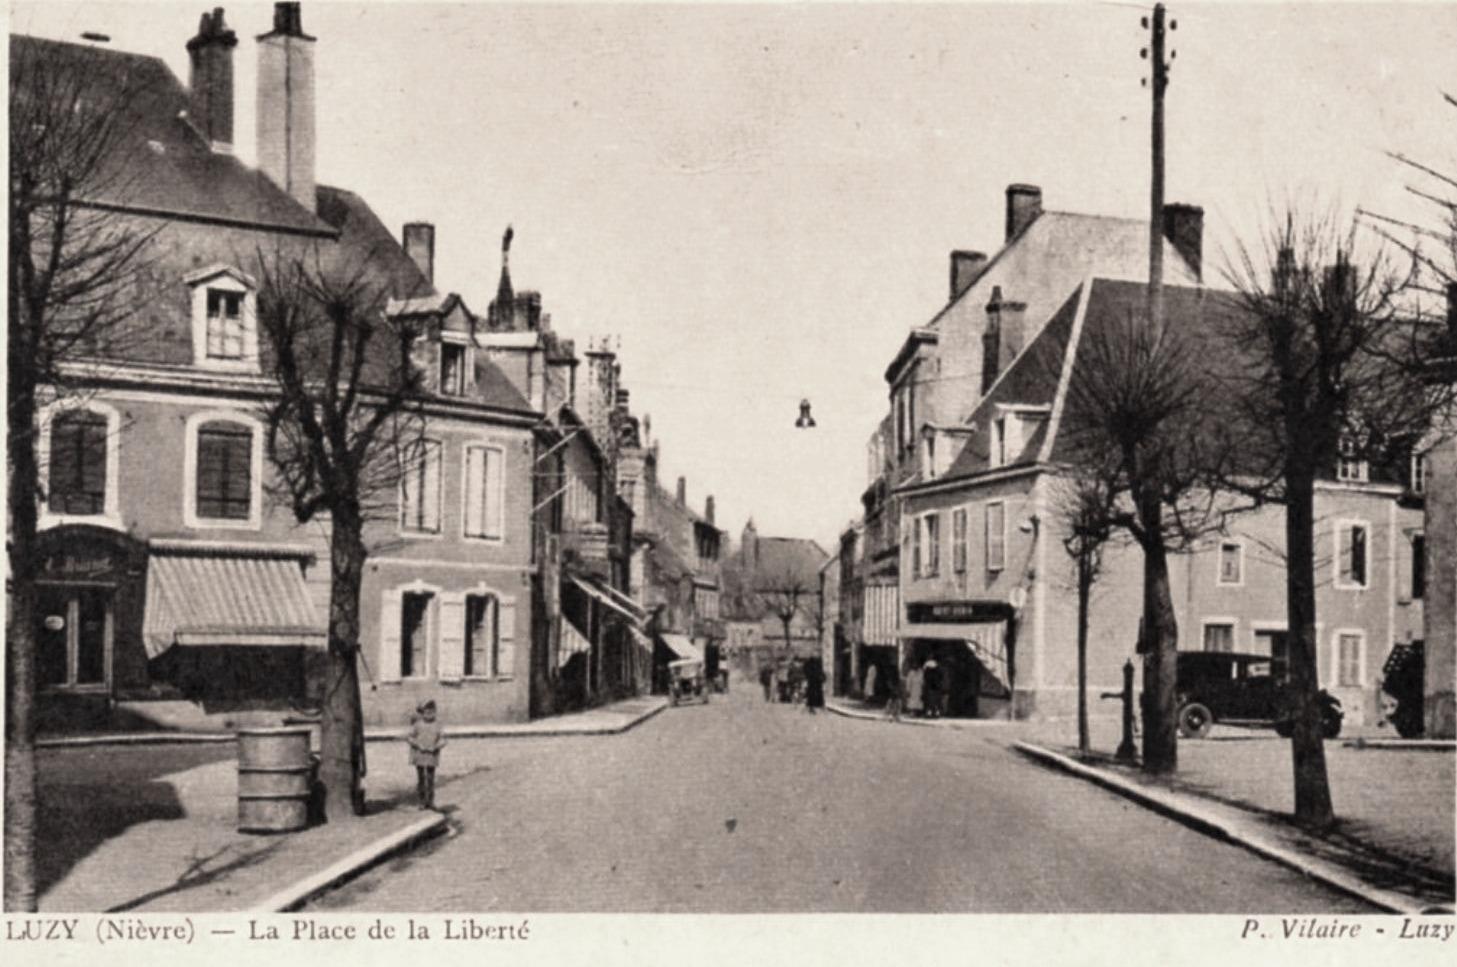 Luzy (Nièvre) La Place de la Liberté CPA